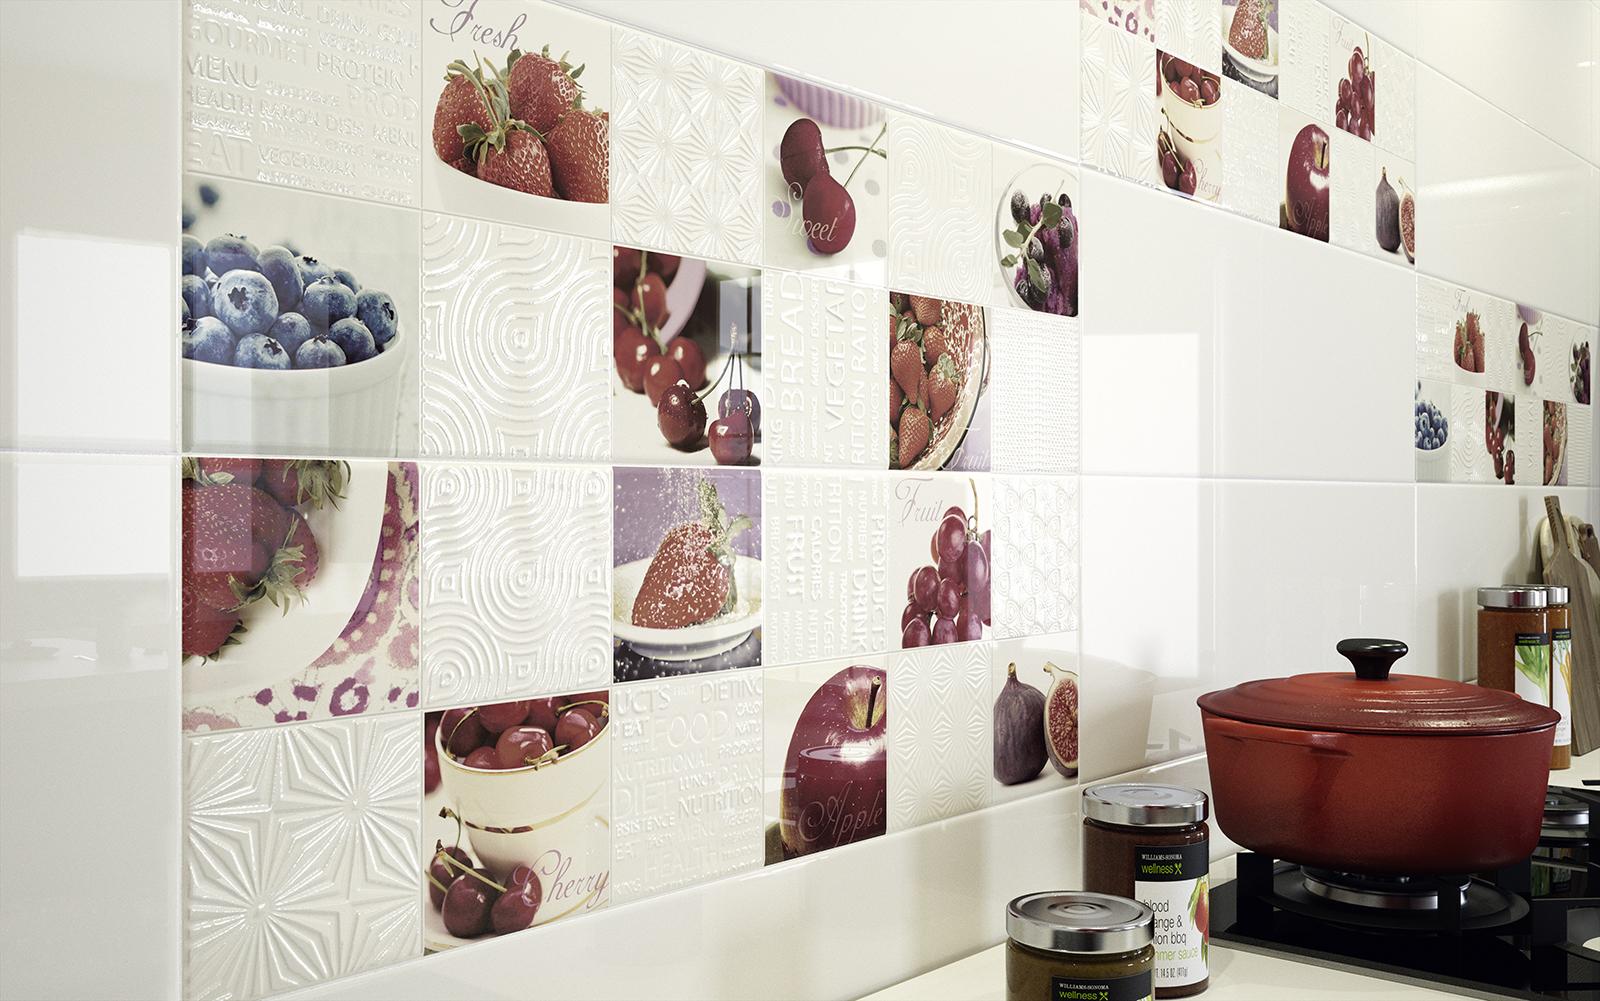 Diamond piastrelle in ceramica per cucina marazzi - Piastrelle cucina rosse ...